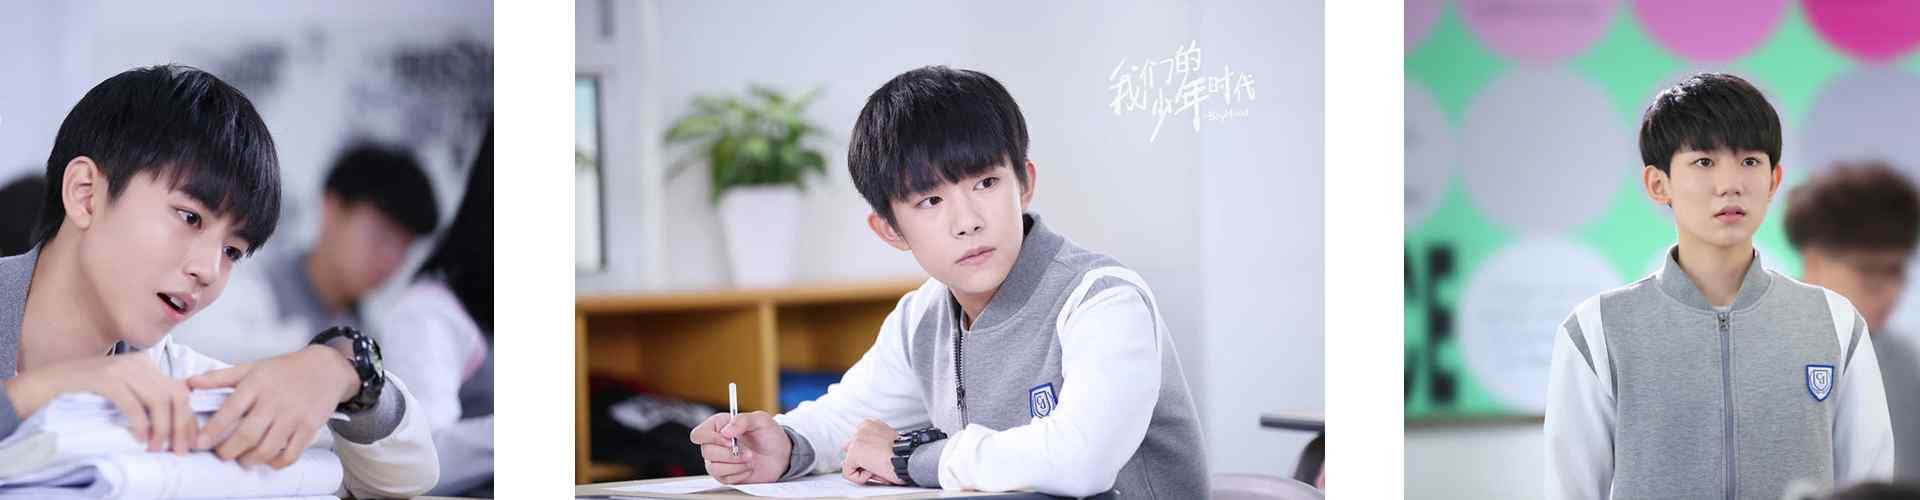 我们的少年时代_我们的少年时代剧照壁纸_易烊千玺、王俊凯、王源图片_影视壁纸